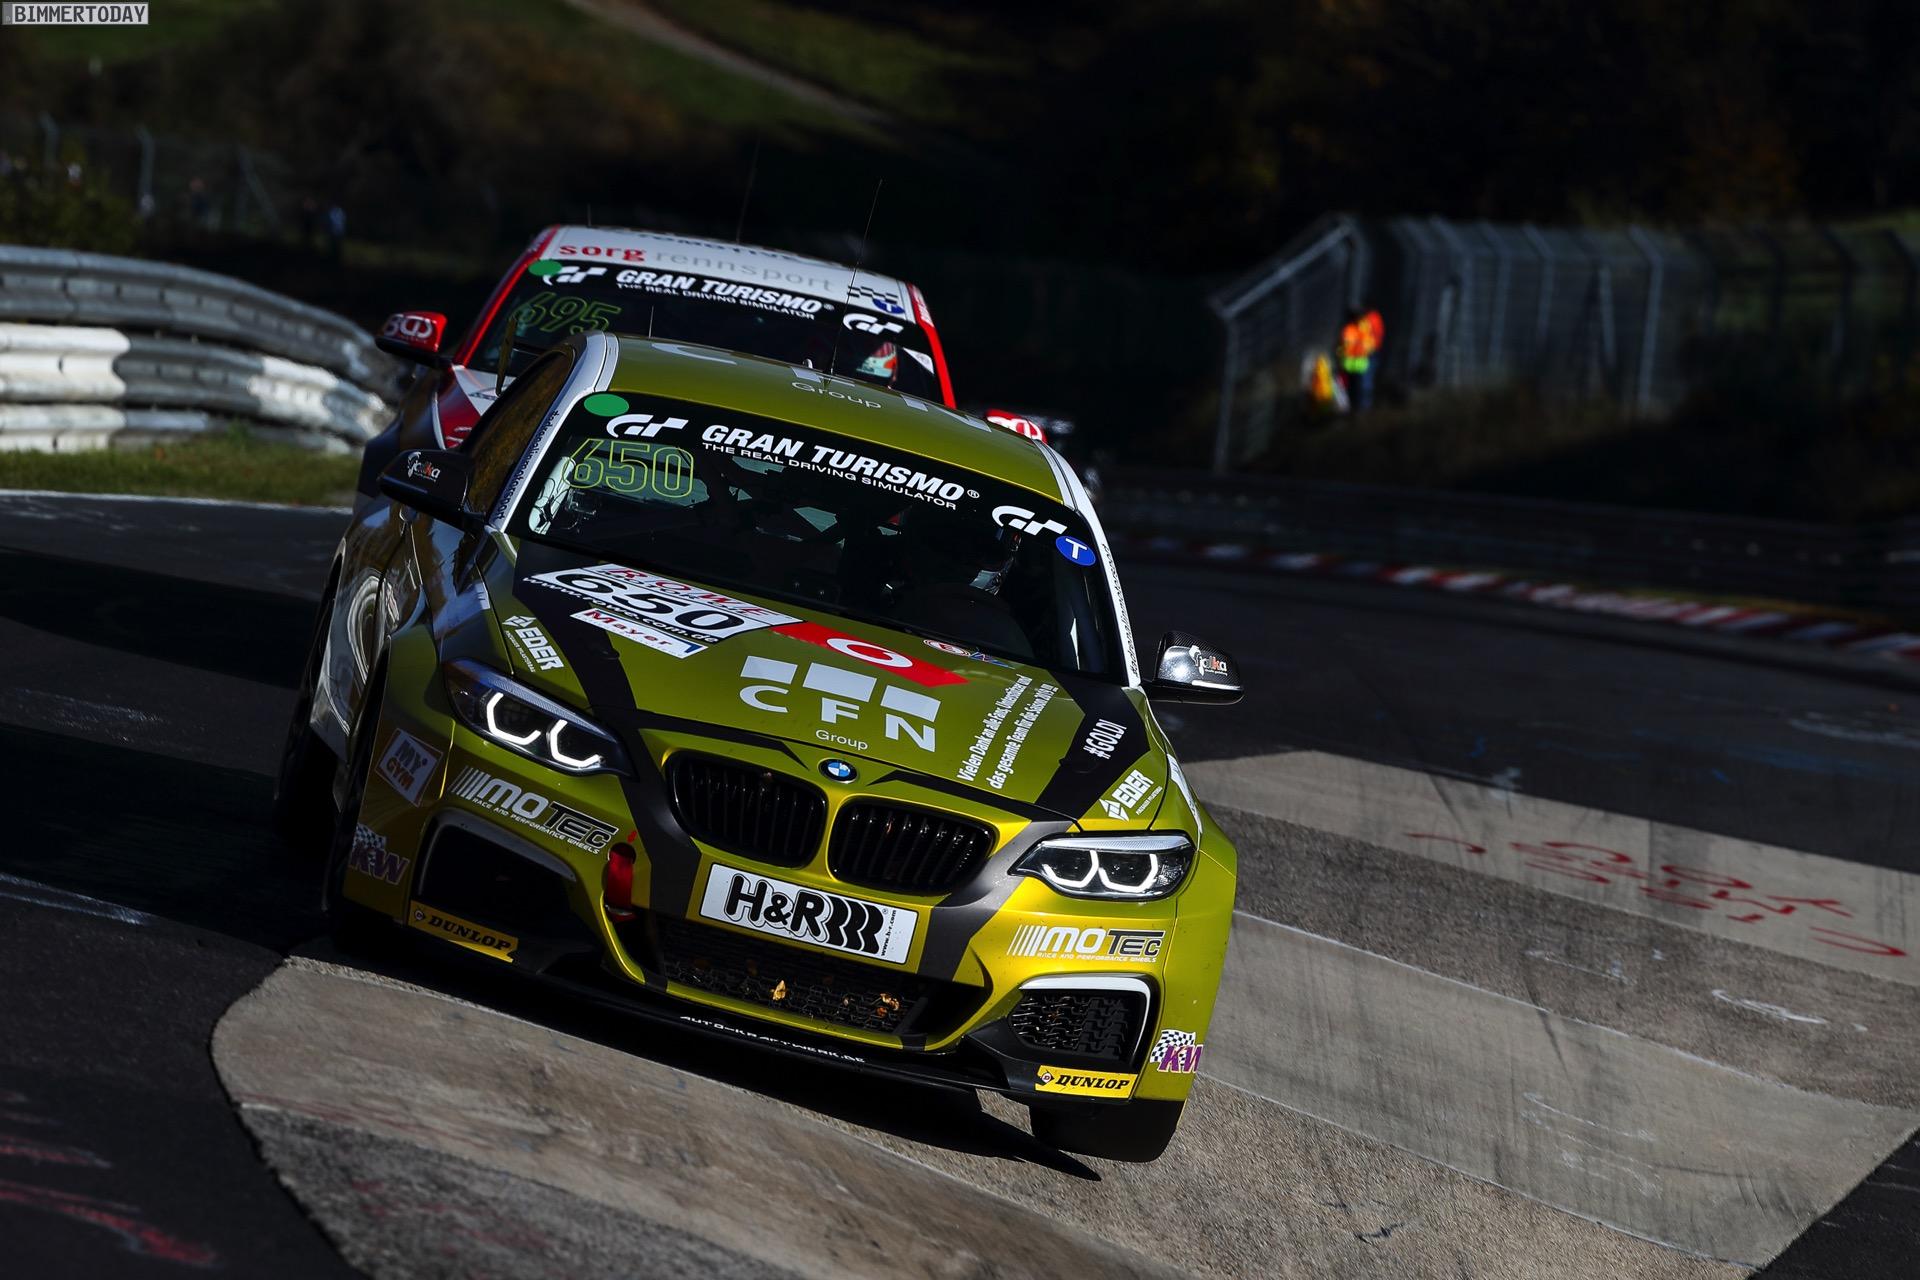 VLN 2019: Die Gesamtsieger fahren BMW M240i Racing